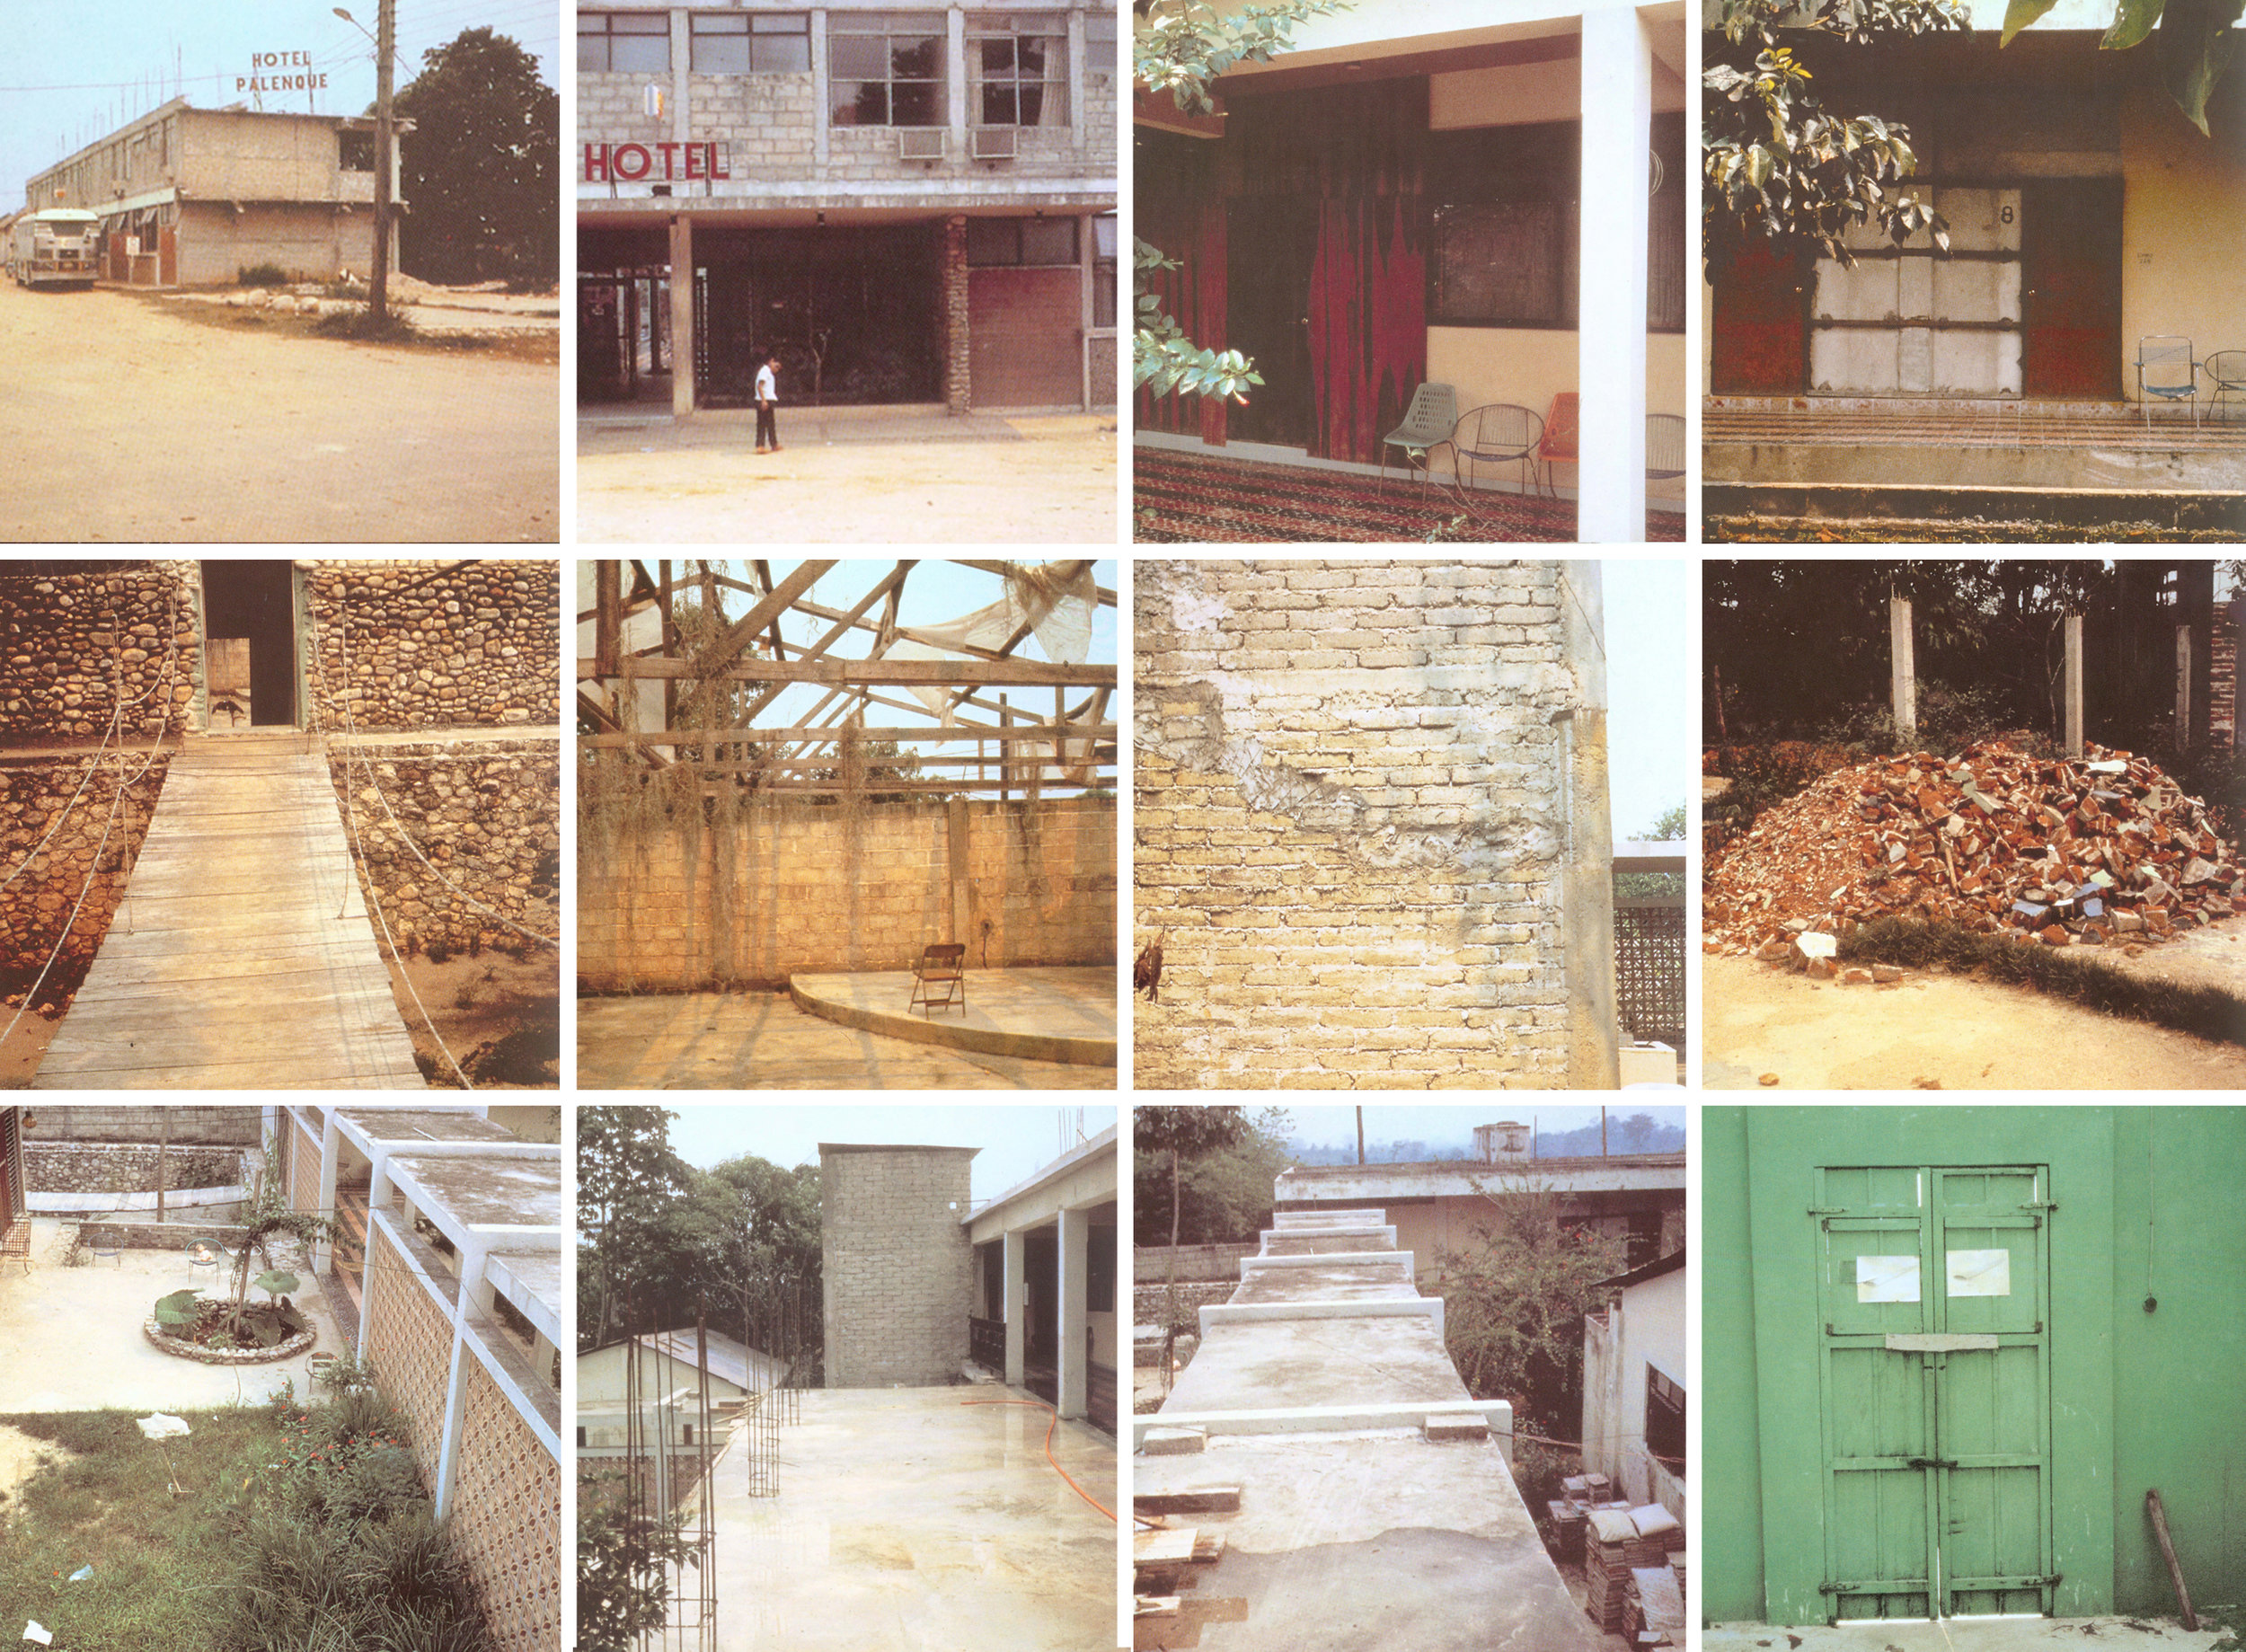 Robert Smithson  Hotel Palenque